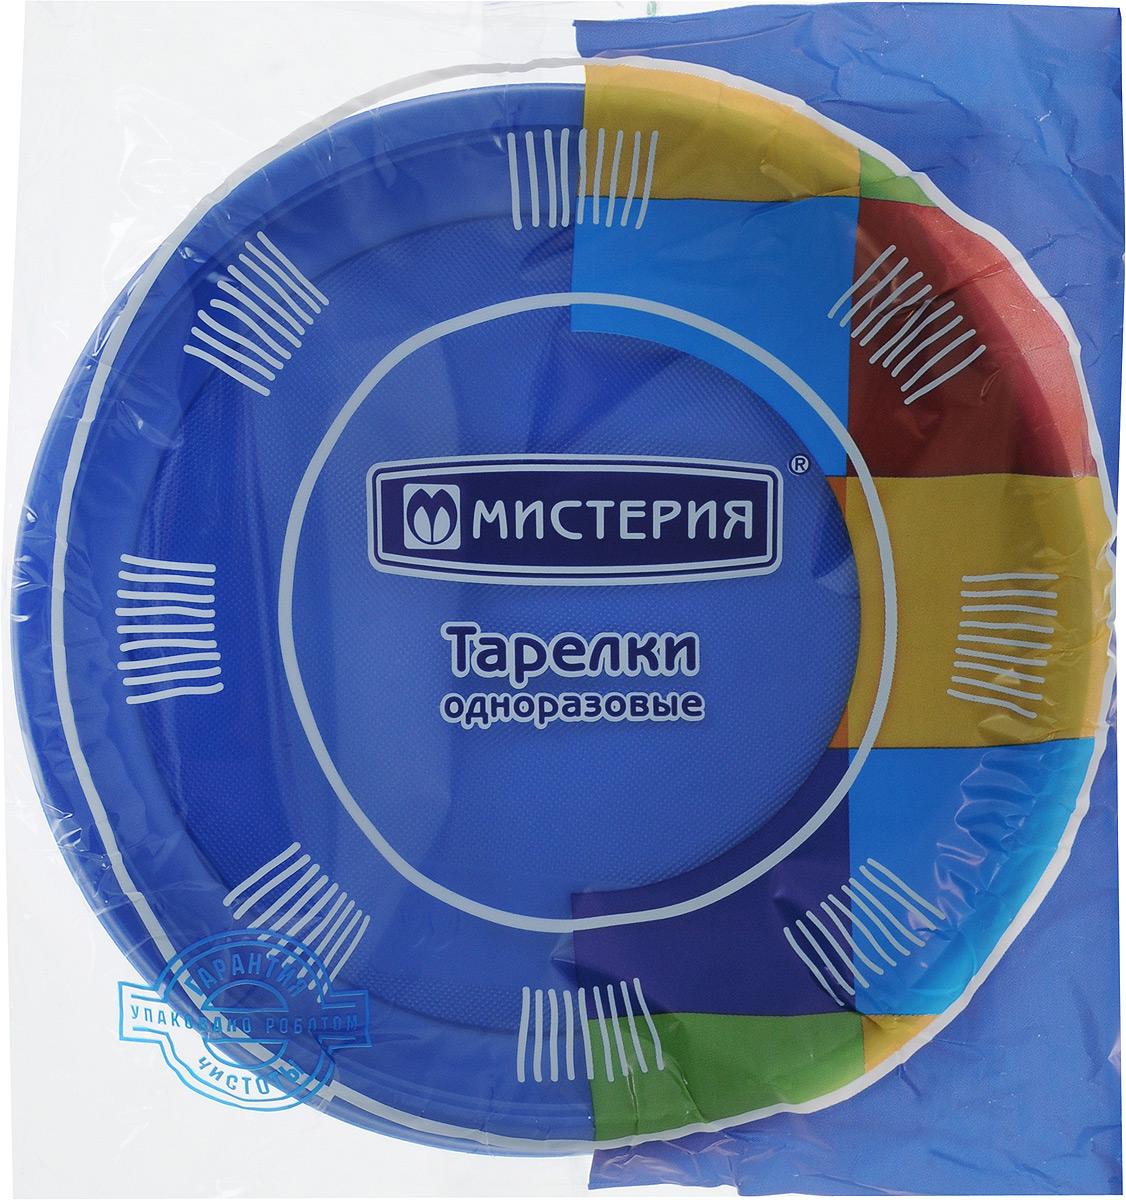 Набор одноразовых тарелок Мистерия, цвет: синий, диаметр 21 см, 12 шт4630003364517Набор Мистерия состоит из 12 круглых тарелок, выполненных из полистирола и предназначенных для одноразового использования. Подходят для холодных и горячих пищевых продуктов.Одноразовые тарелки будут незаменимы при поездках на природу, пикниках и других мероприятиях. Они не займут много места, легки и самое главное - после использования их не надо мыть.Диаметр тарелки: 21 см.Высота тарелки: 1,5 см.